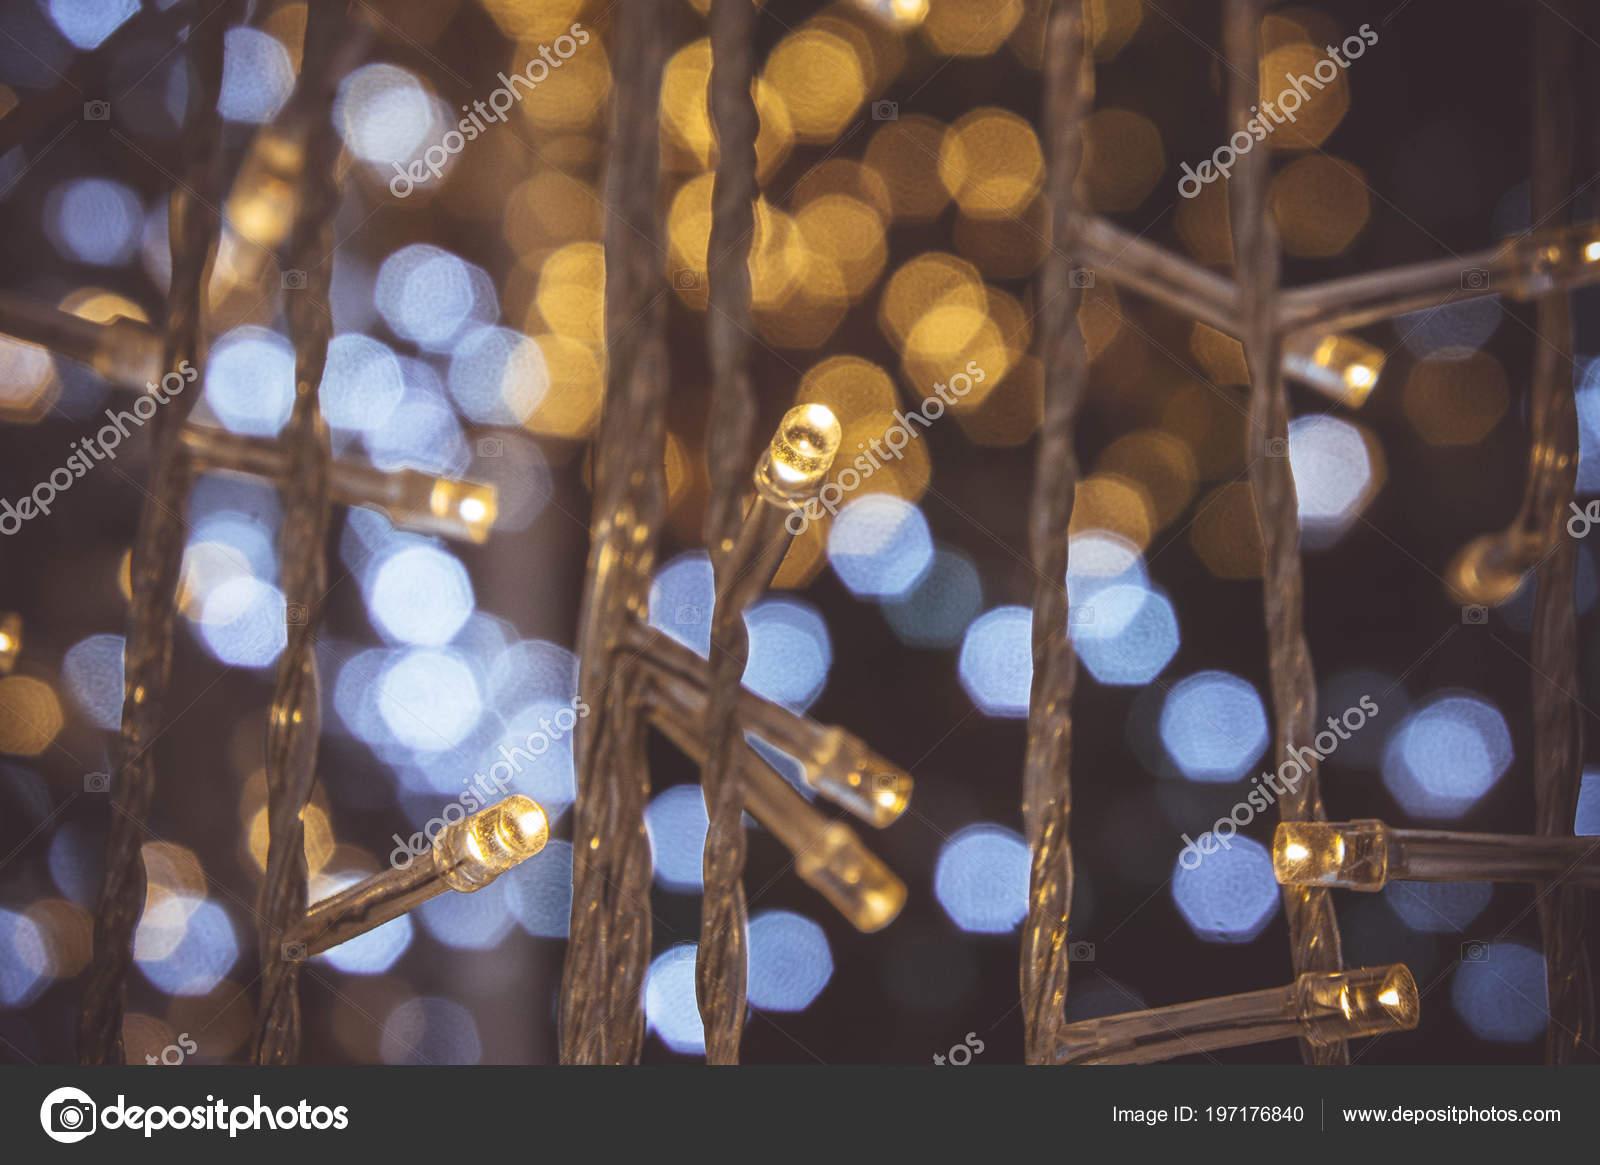 Lampe Veilleuse Décoratives Avec Lumières Bokeh Pour Les Led Petite wZnP80OkNX